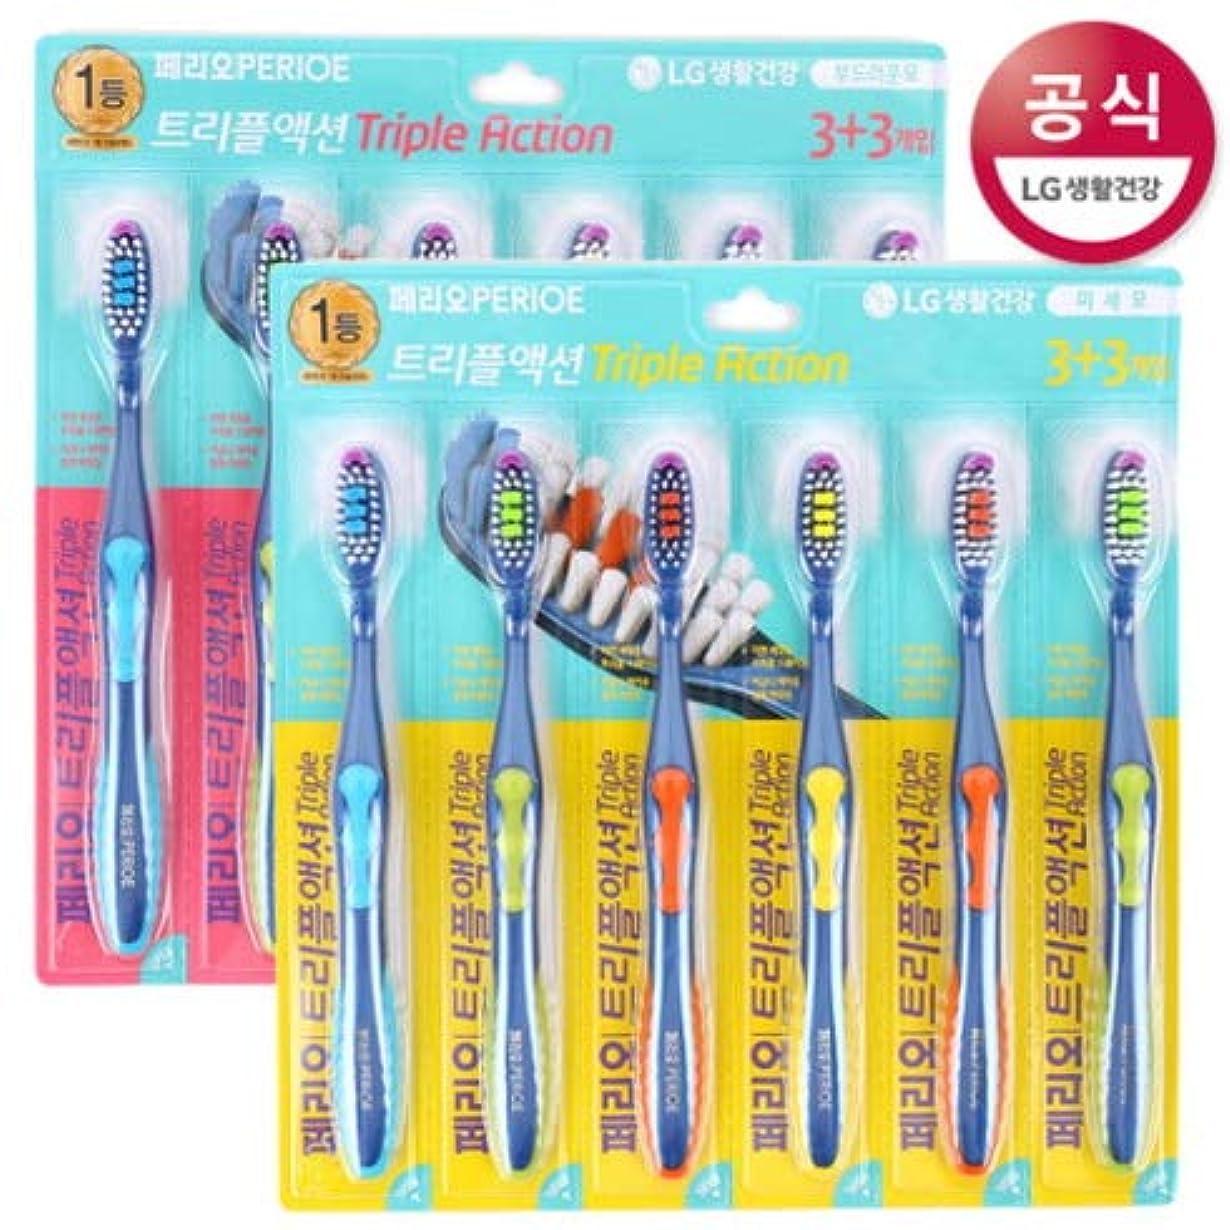 野球性能聞きます[LG HnB] Perio Triple Action Toothbrush/ペリオトリプルアクション歯ブラシ 6口x2個(海外直送品)